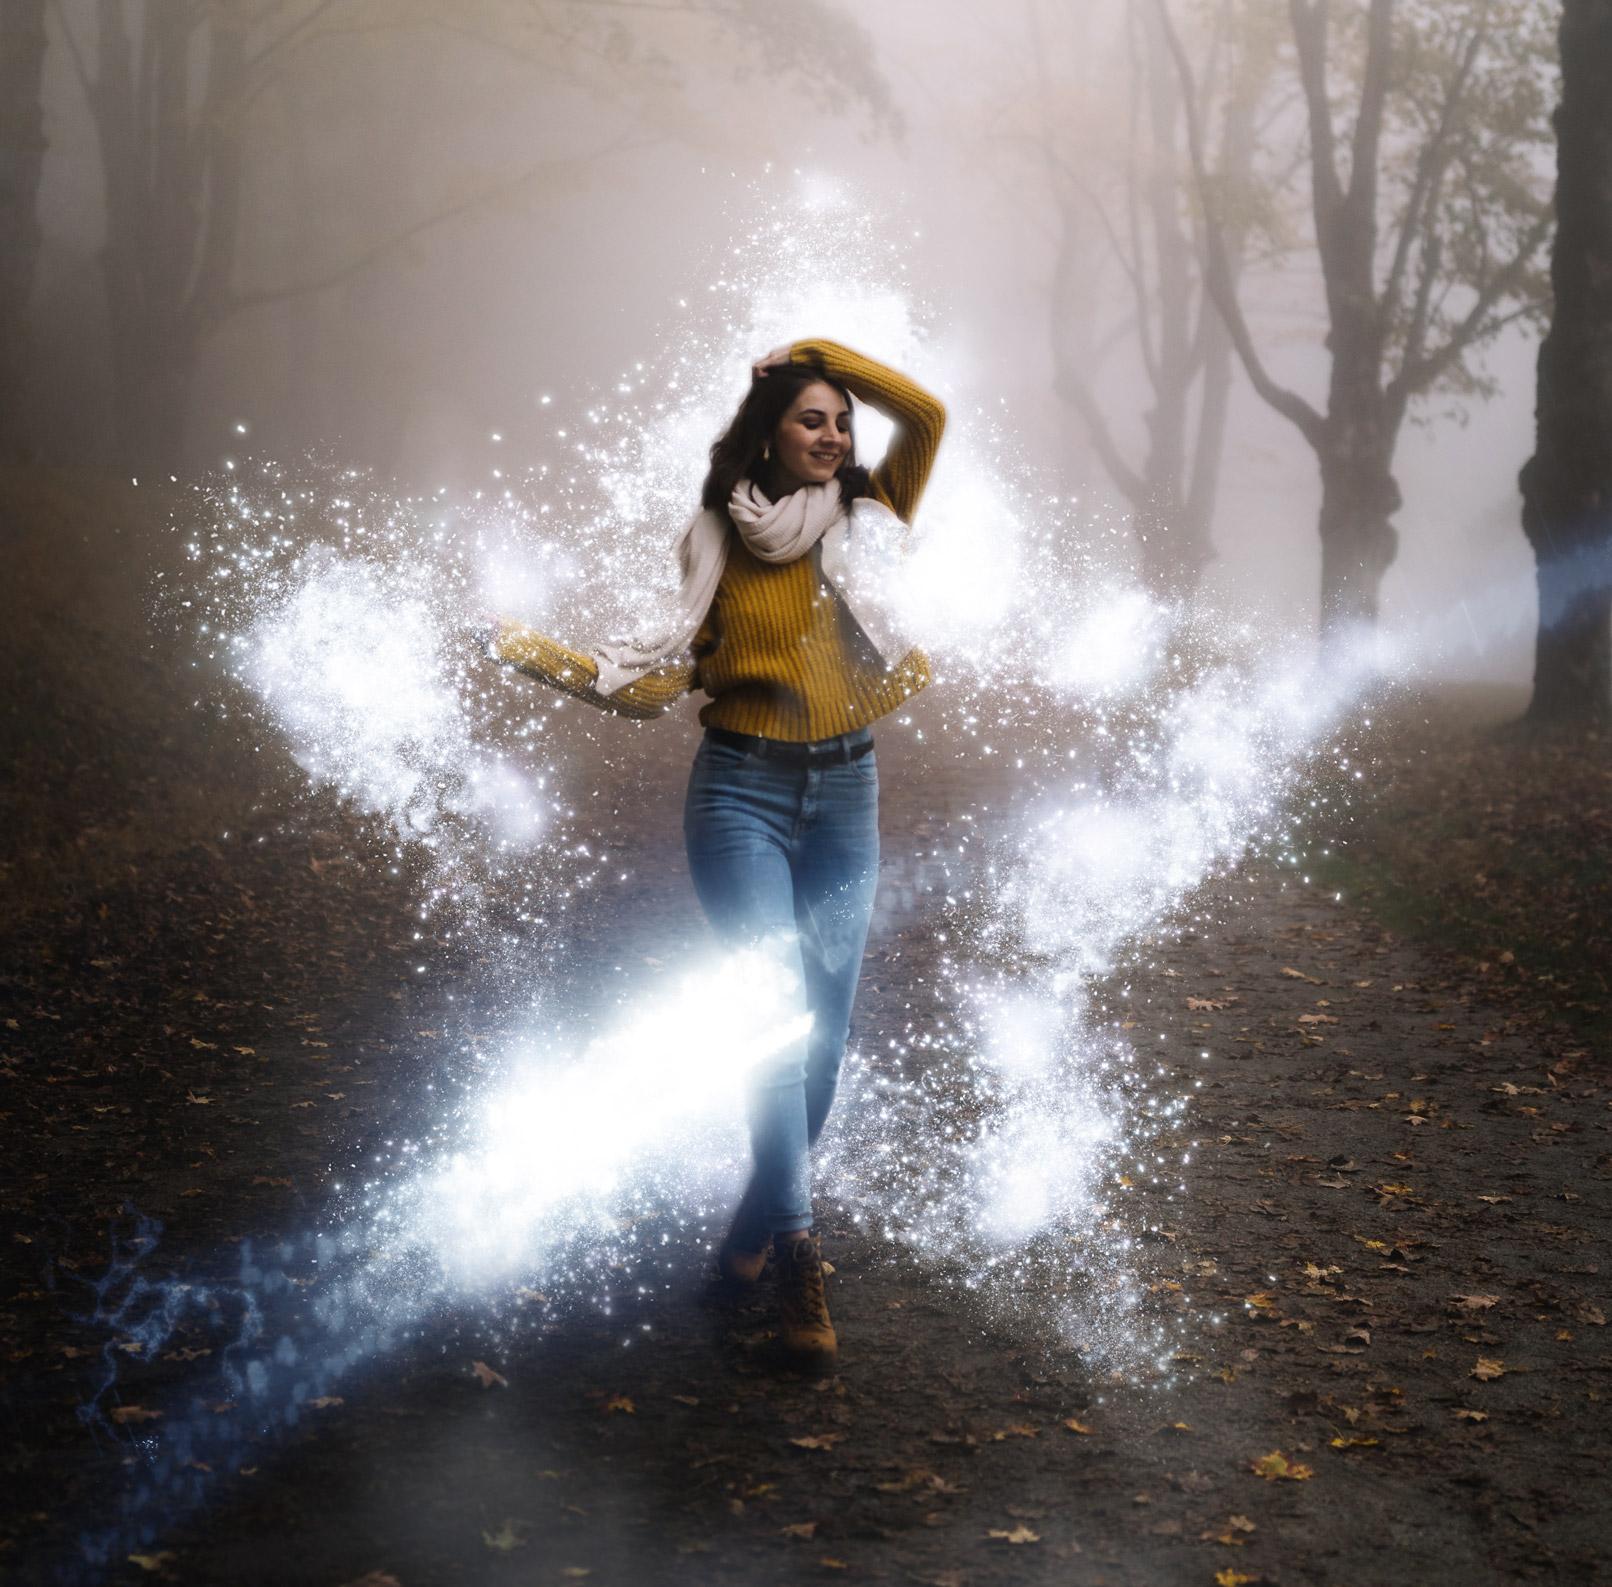 60 magisch glühende Bildeffekte: Blitze, Funken, Rauch und Glitzer